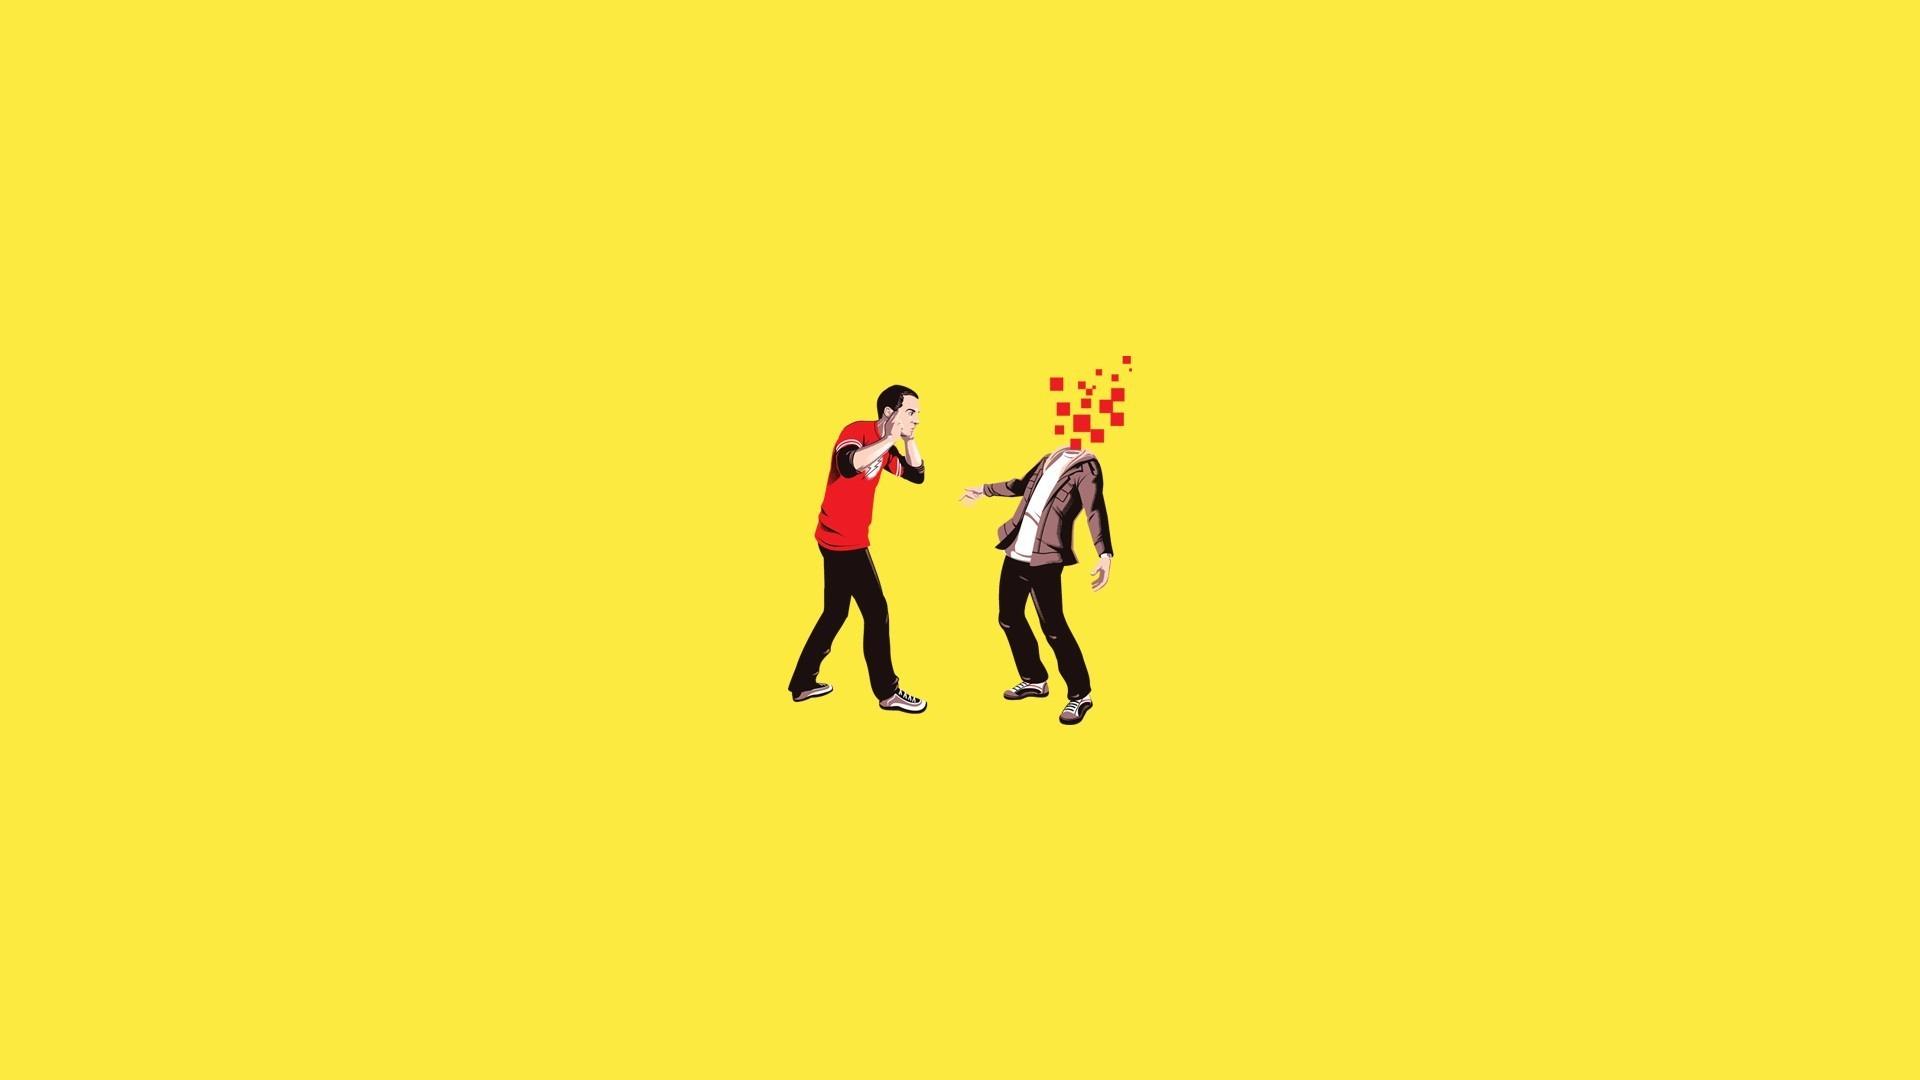 Big Bang Theory Wallpapers 72 Images